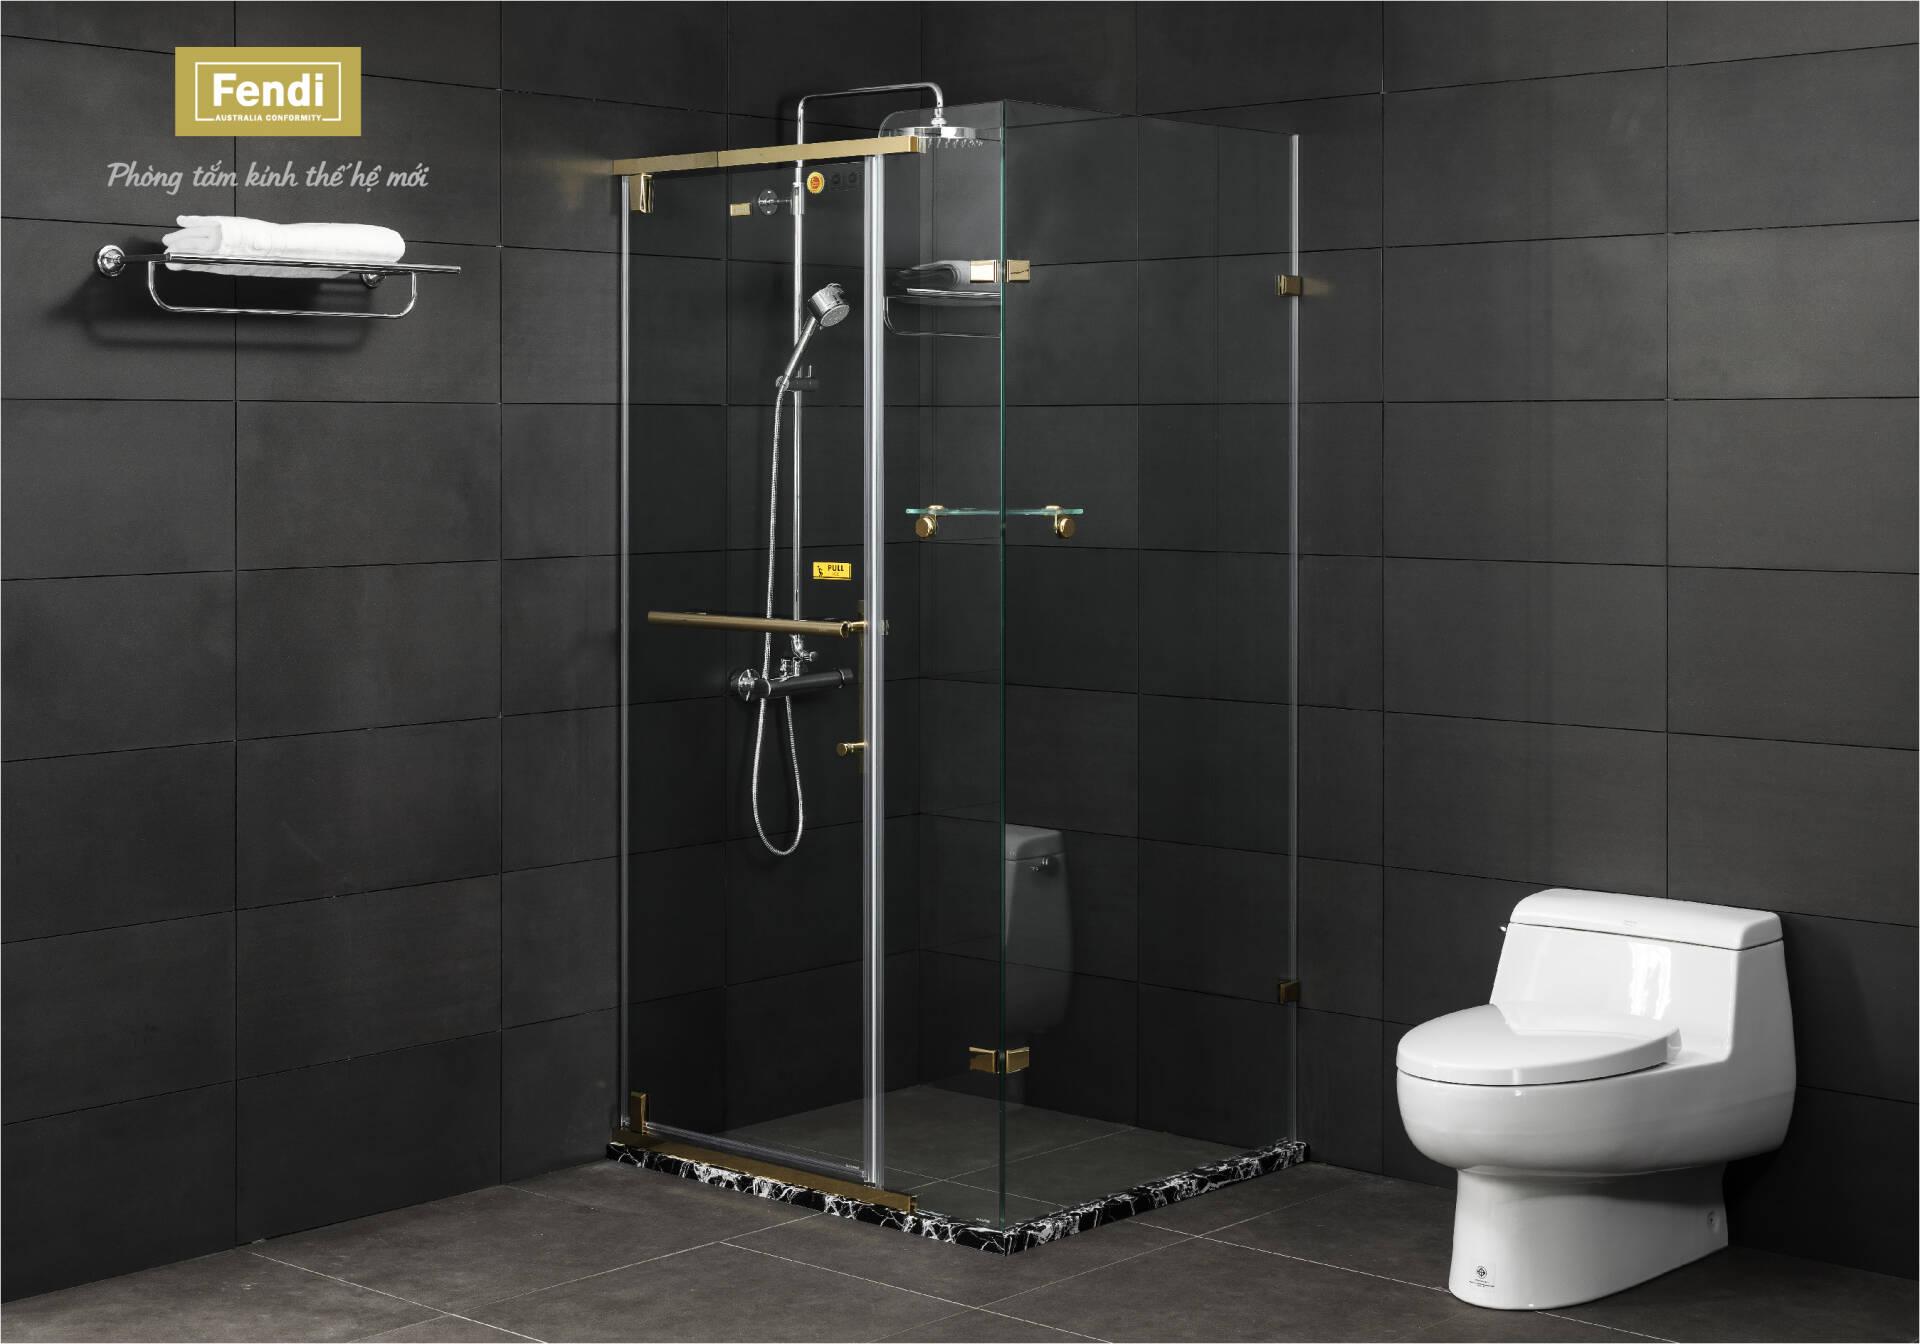 Thương hiệu phòng tắm kính Fendi có chính sách chăm sóc khách hàng đặc biệt cùng với chế độ bảo hành phòng tắm kính lên tới 5 năm